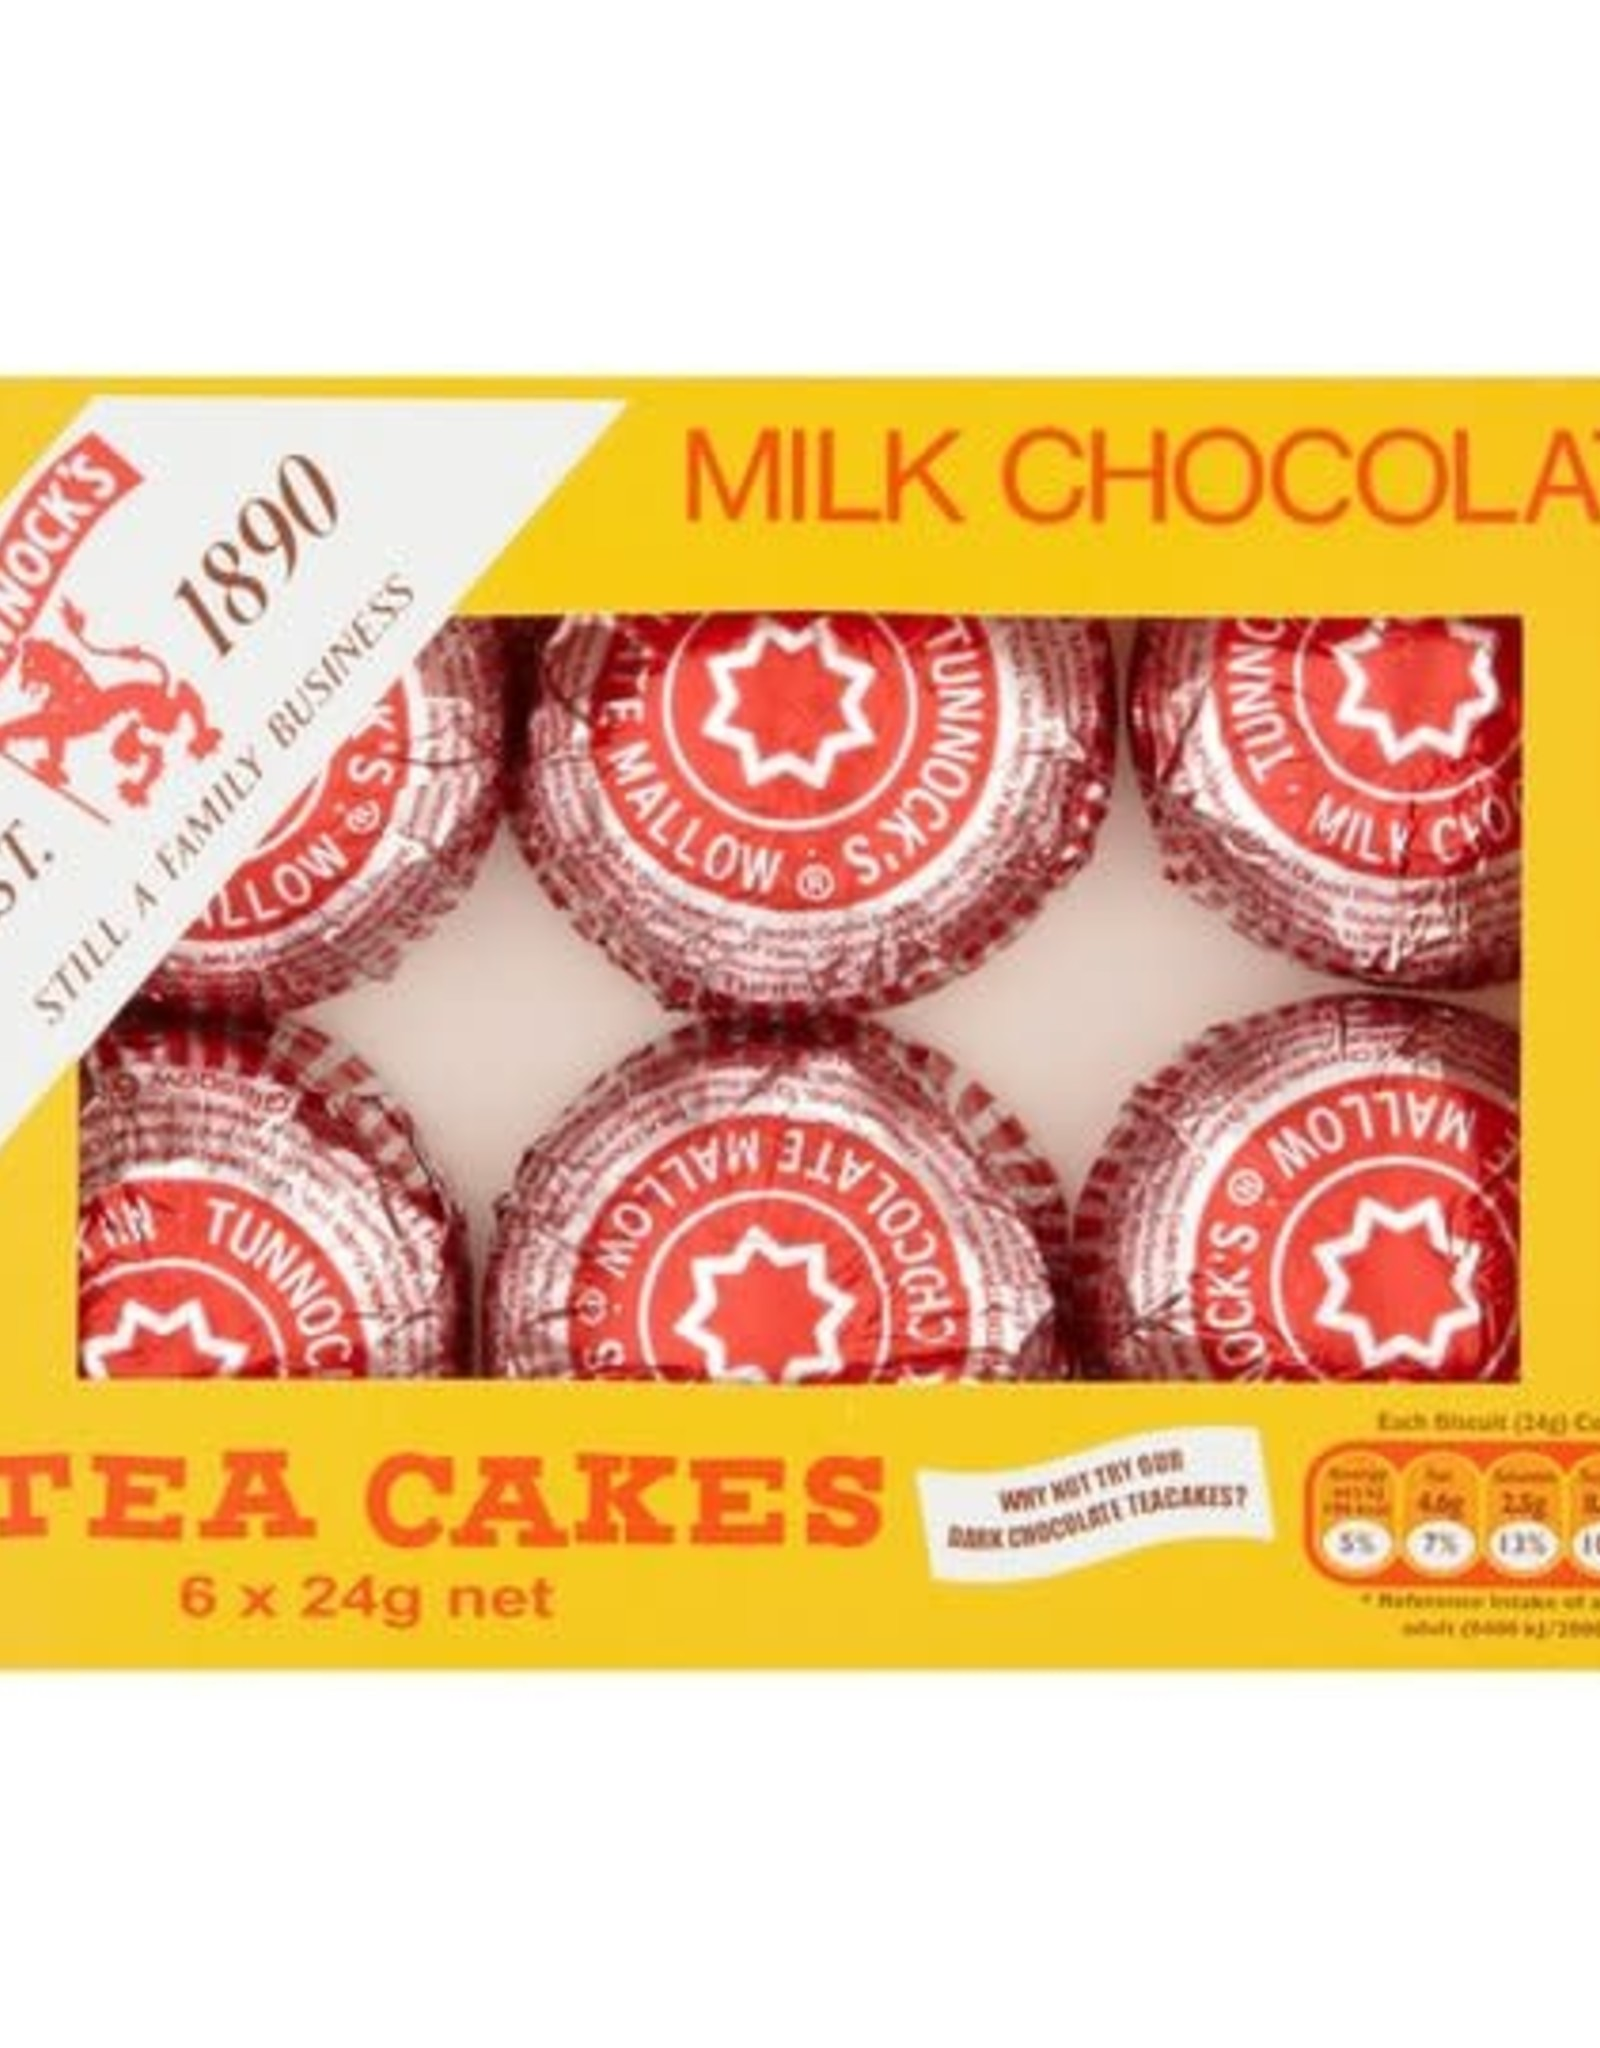 Tunnock's Tunnock's Milk Chocolate Tea Cakes